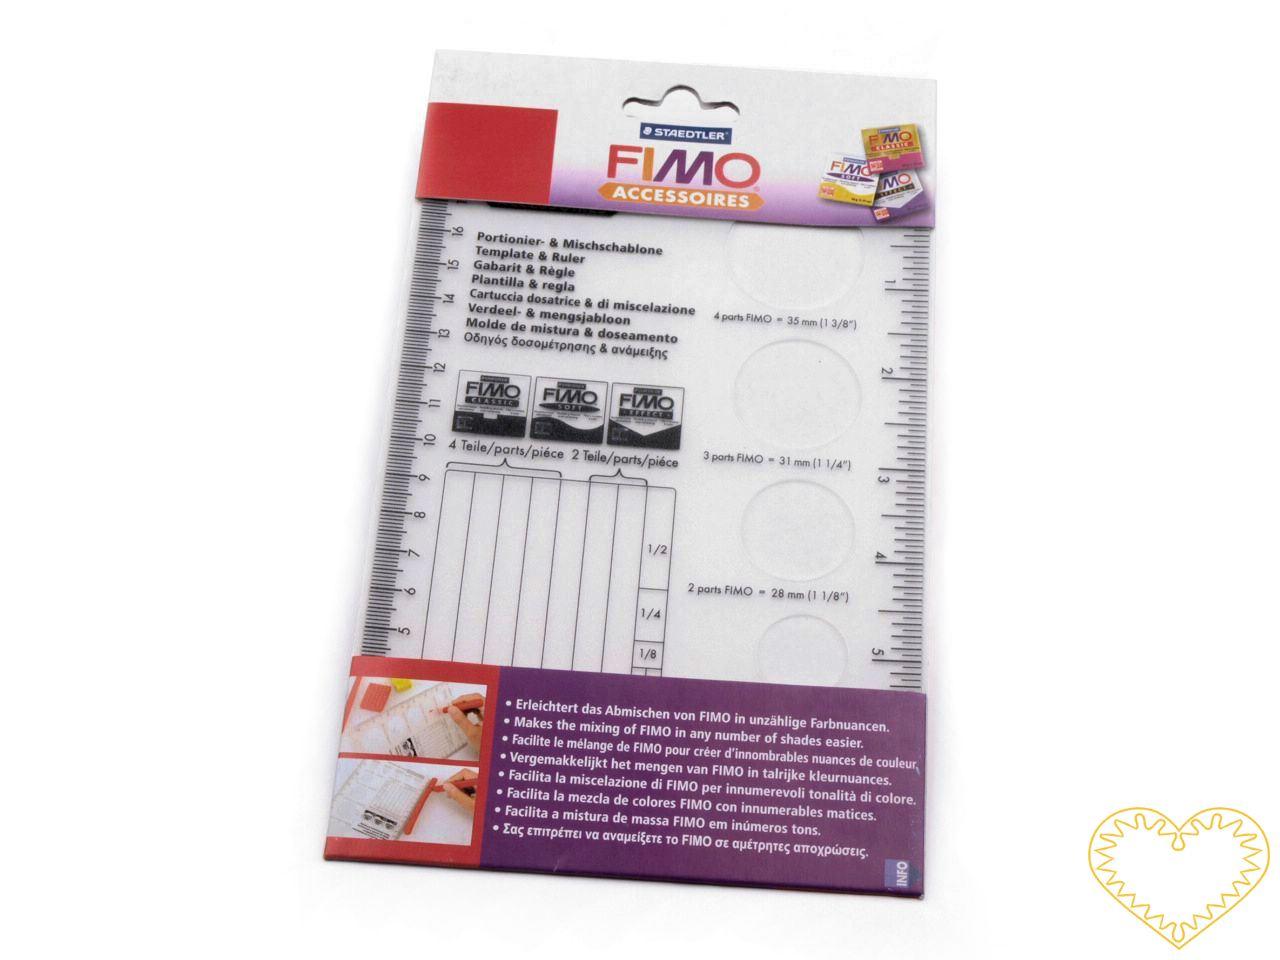 Šablona na míchání a zpracování hmoty FIMO. Jedná se o nástroj navržený speciálně pro práci s FIMO hmoutou. S touto šablonou snadno zvolíte správně poměry FIMO hmoty při míchání vlastních barev, nebo vyříznete přesné kruhové tvary. Bezpečná manipulac